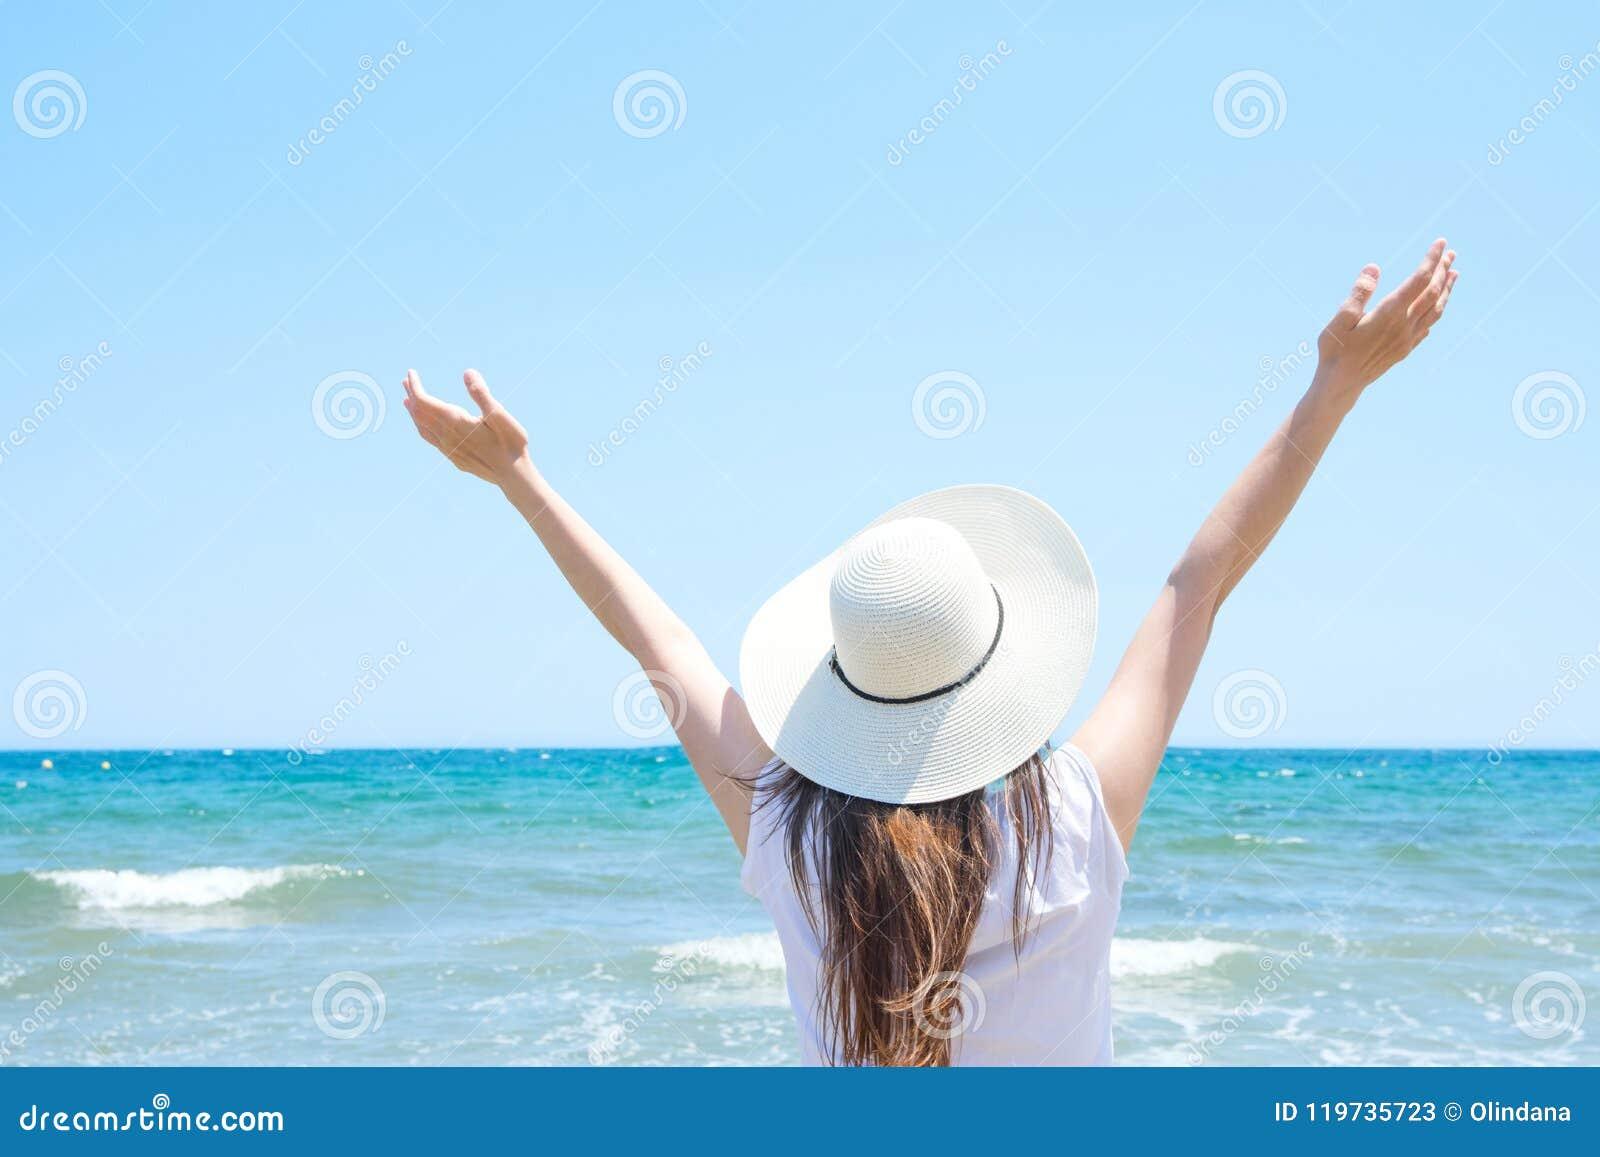 Den unga nätta Caucasian kvinnan med långt kastanjebrunt hår i hatthänder lyft upp i luftställningarna på stranden ser turkoshave